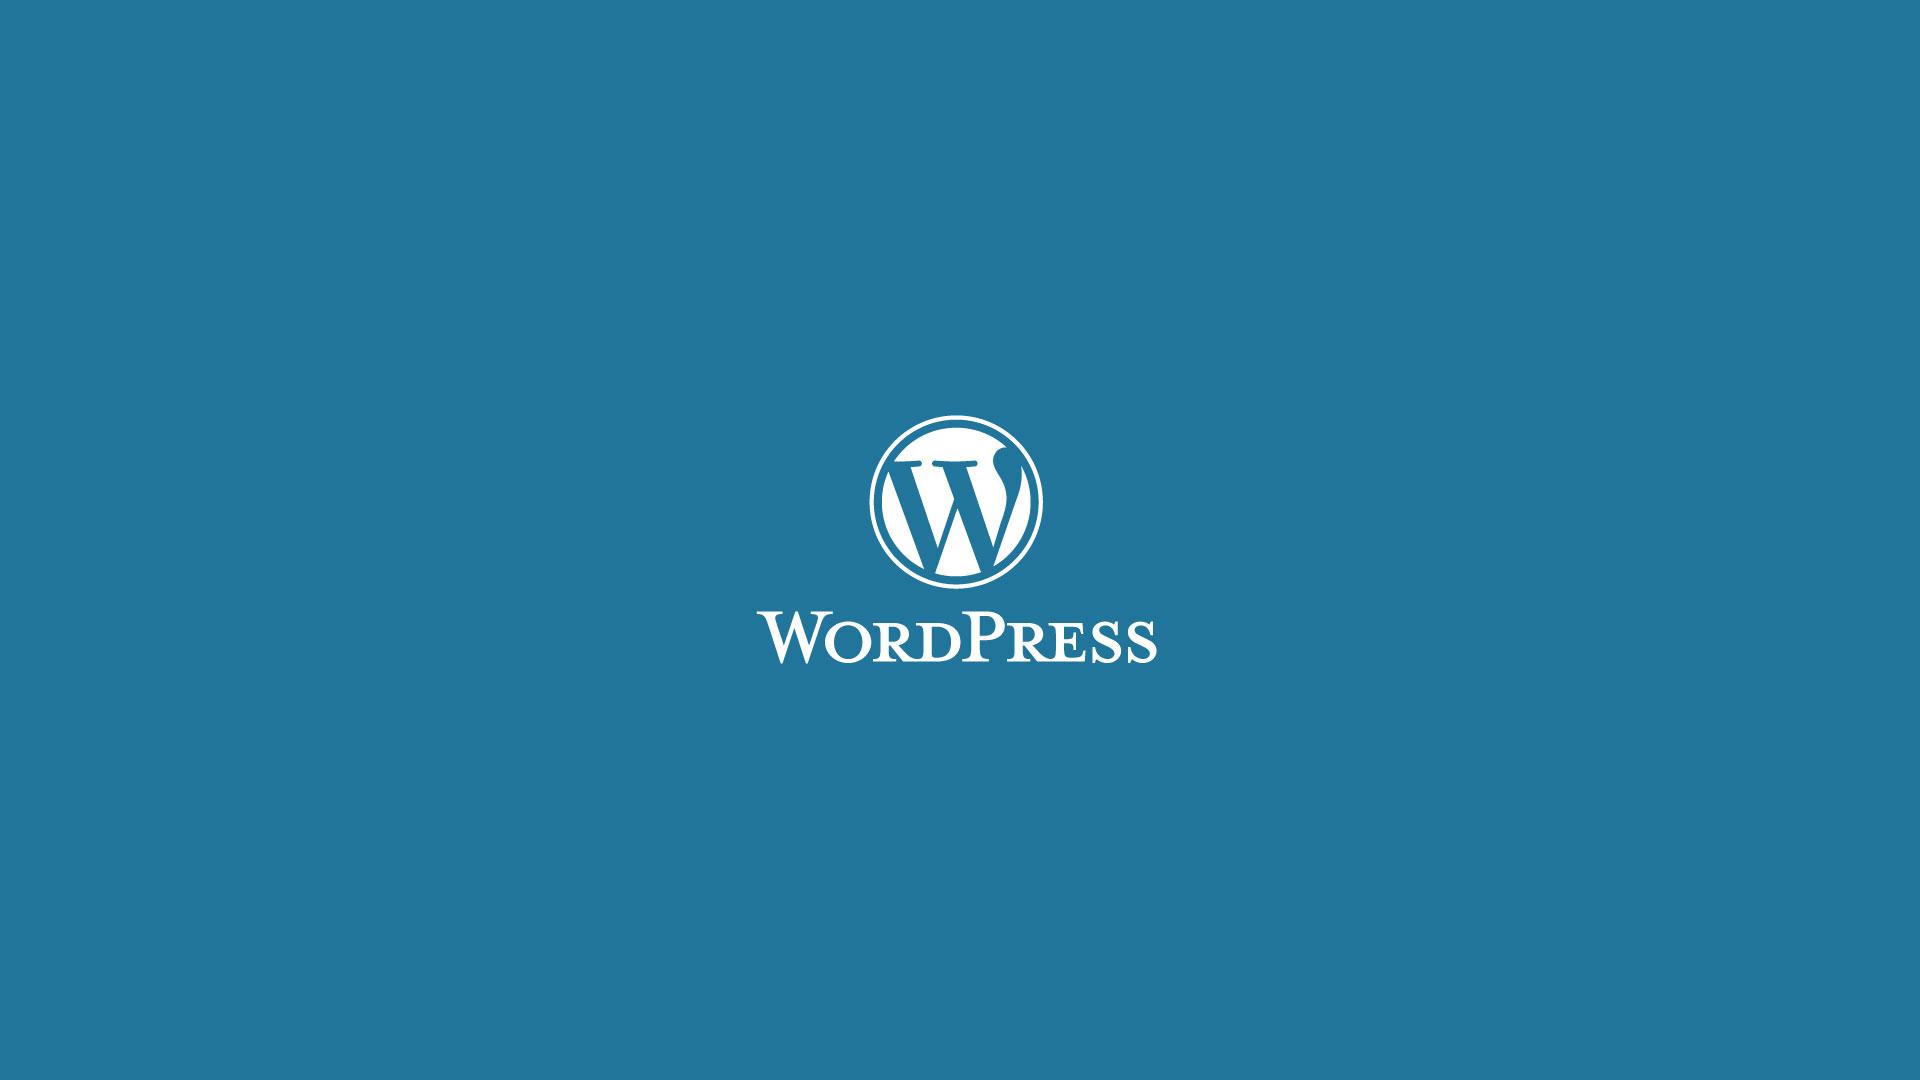 WordPress app updated for easier on-the-go blog management